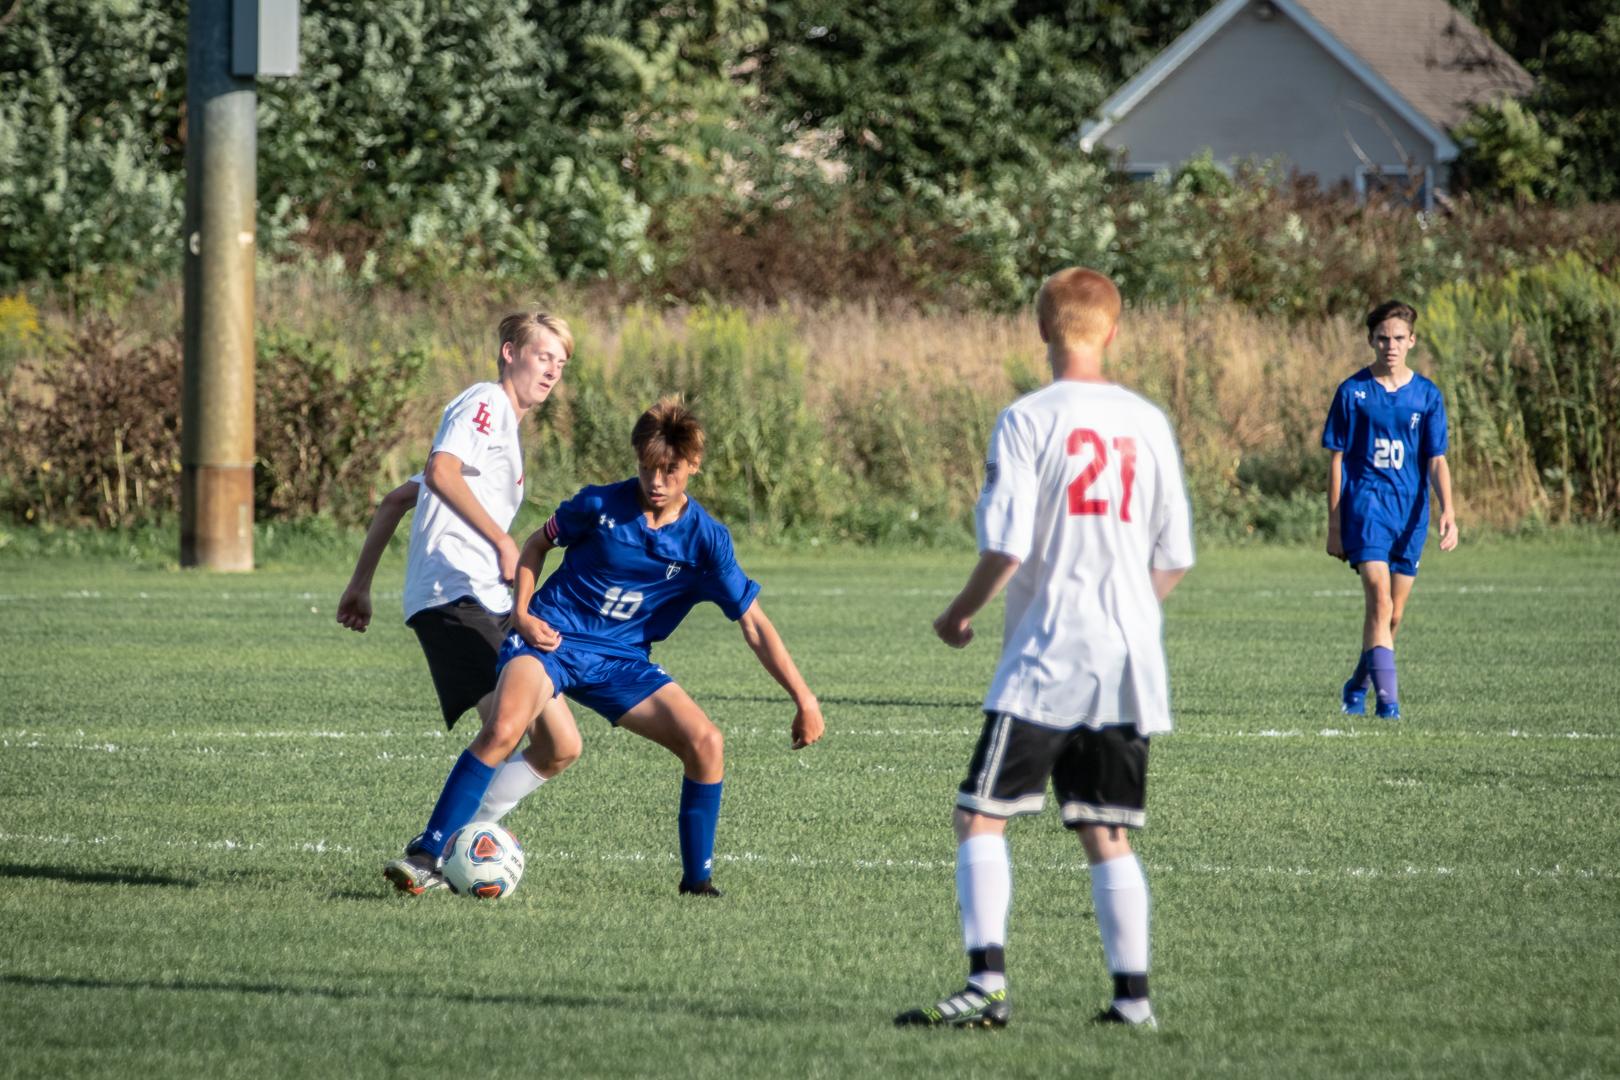 Marian-JV-Boys-Soccer-9036.jpg